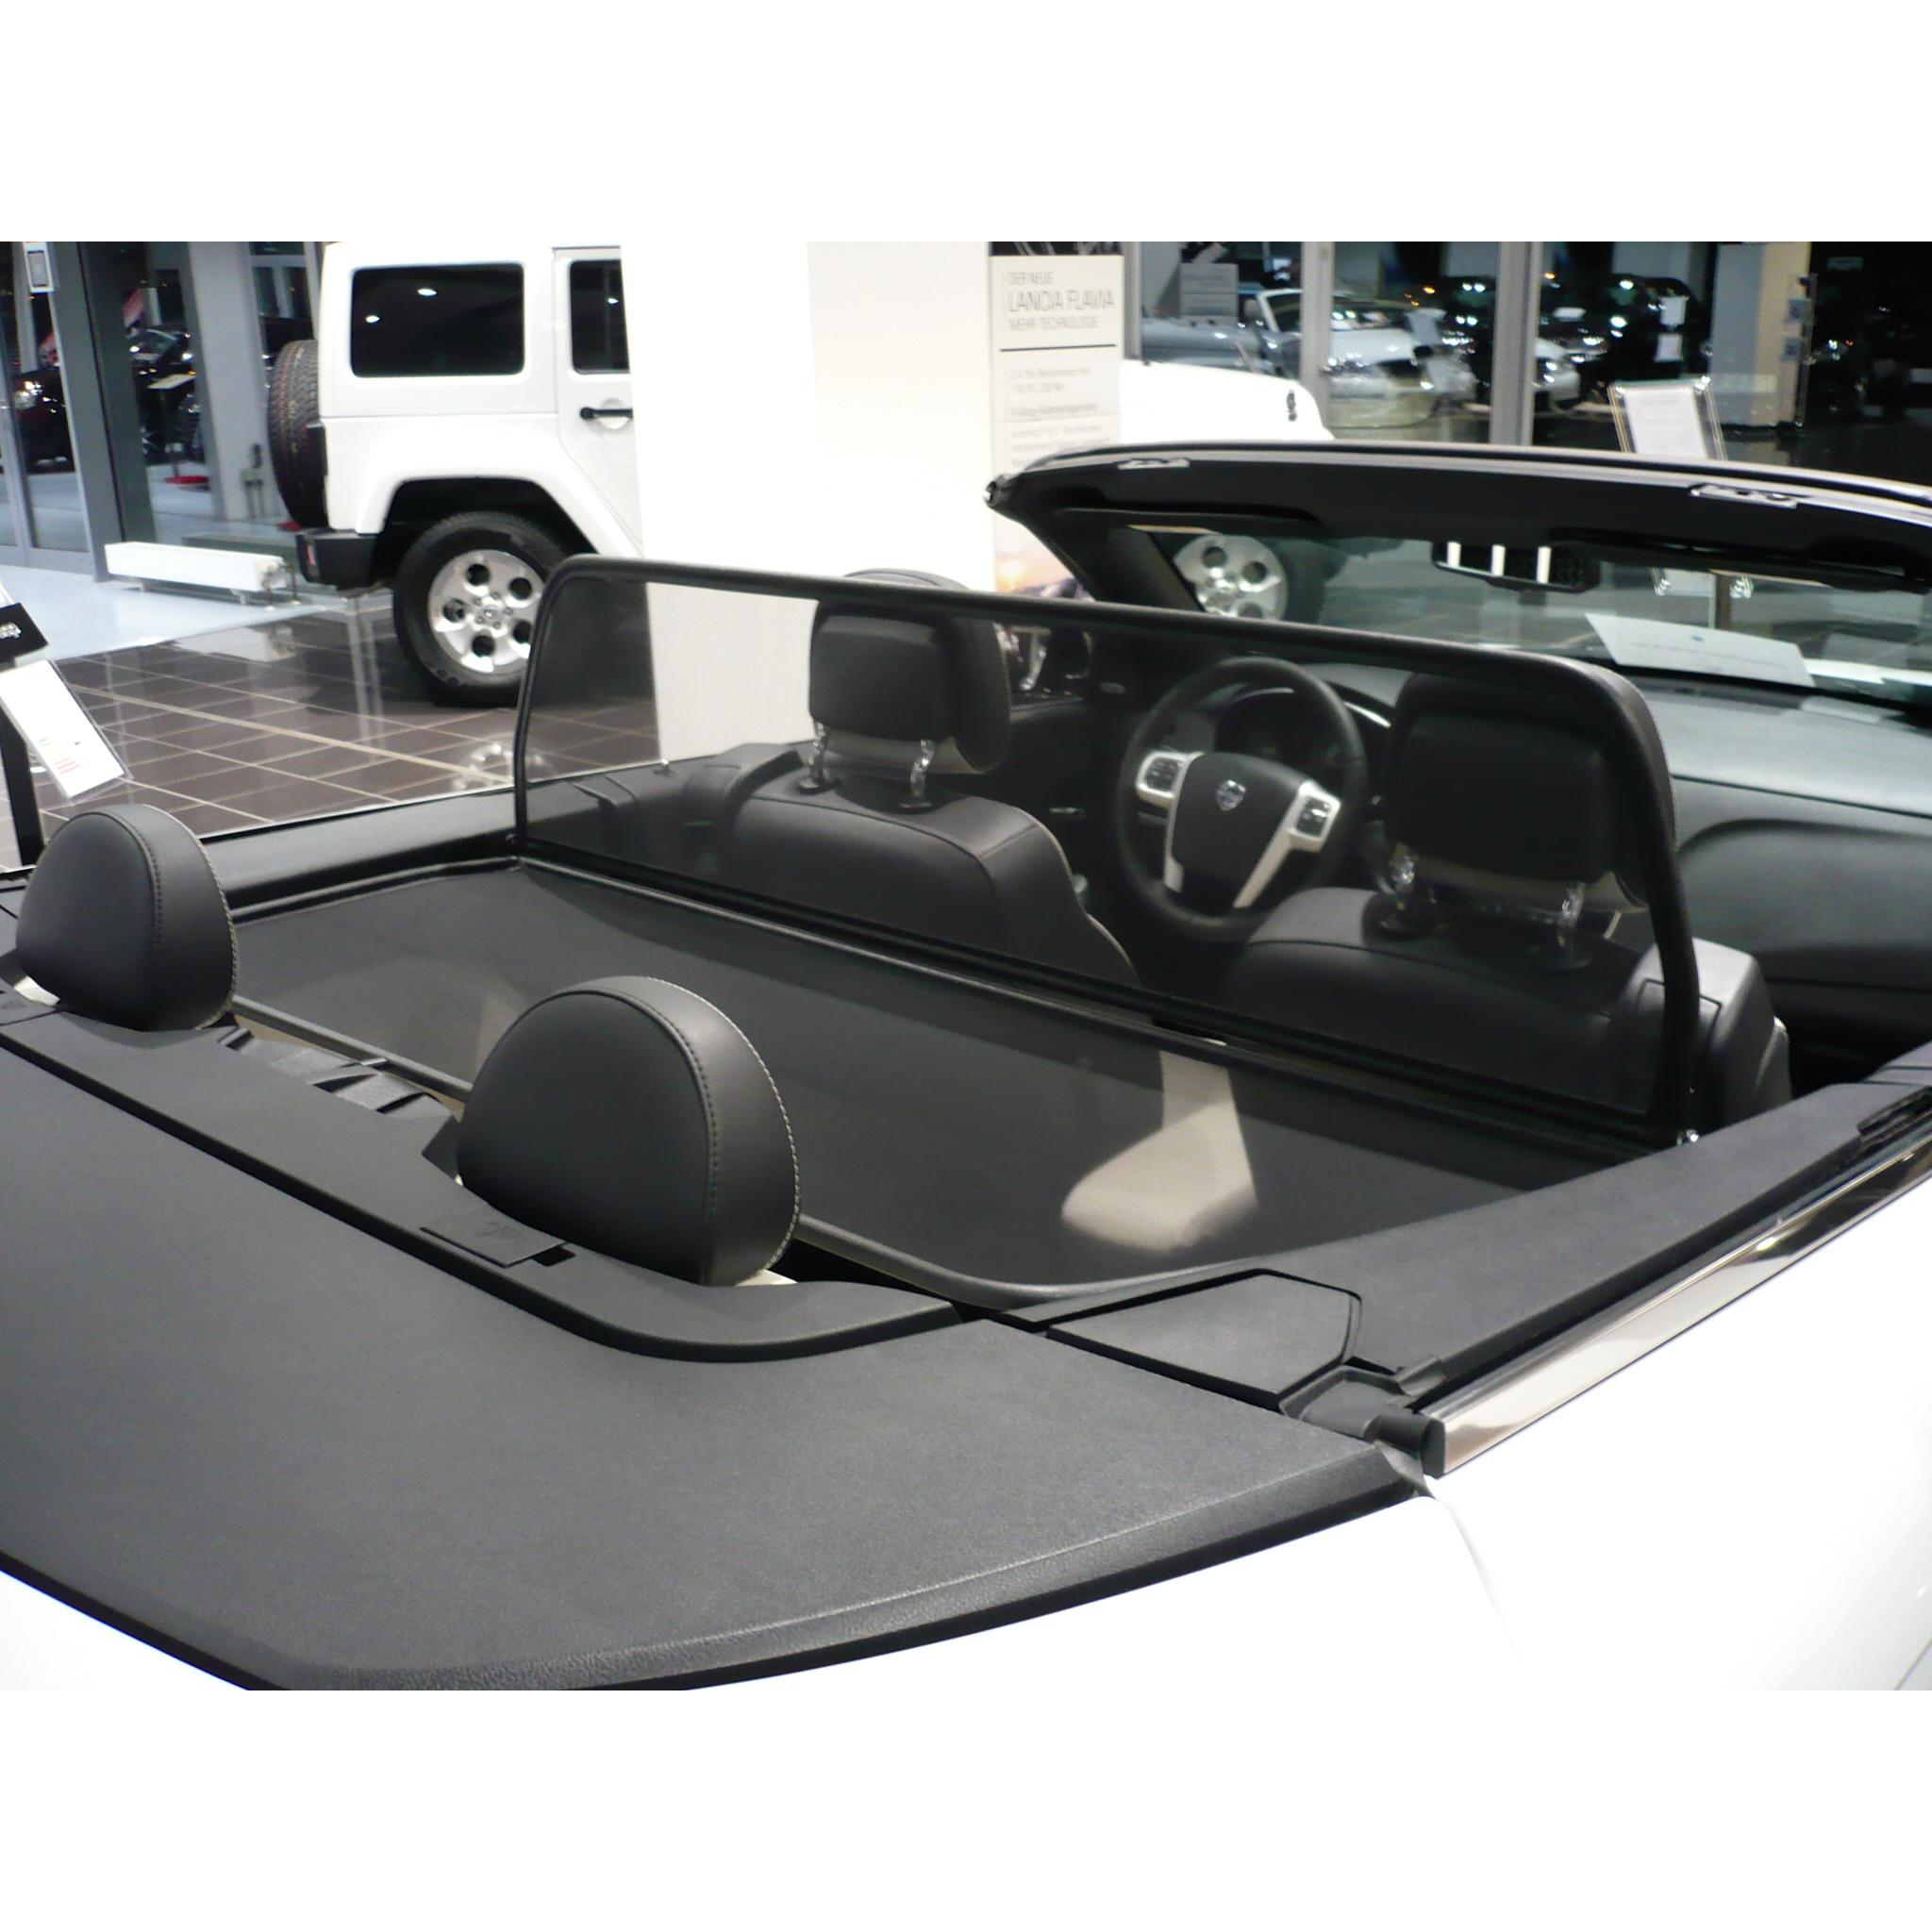 Gebruikte & tweedehands auto onderdelen|CHRYSLER - Interieur Bekleding